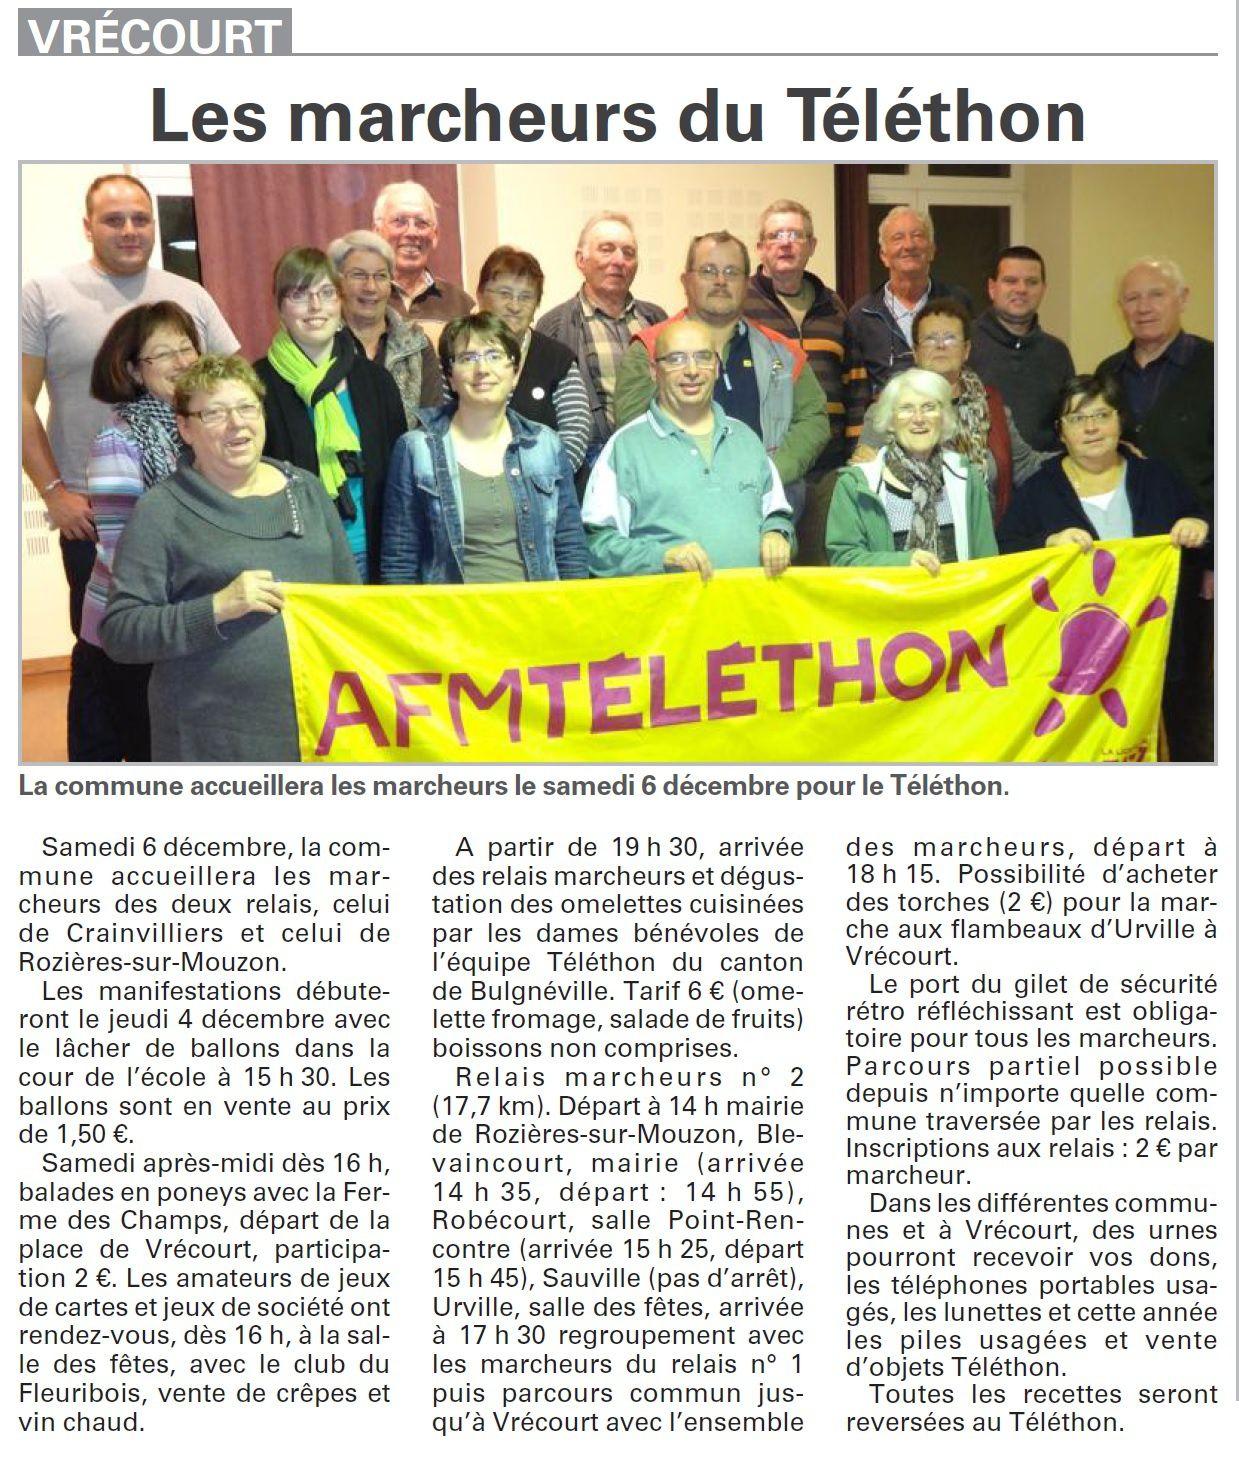 Vrécourt : Le Téléthon, ça nous concerne aussi (Association Vrécourt Culture Patrimoine)